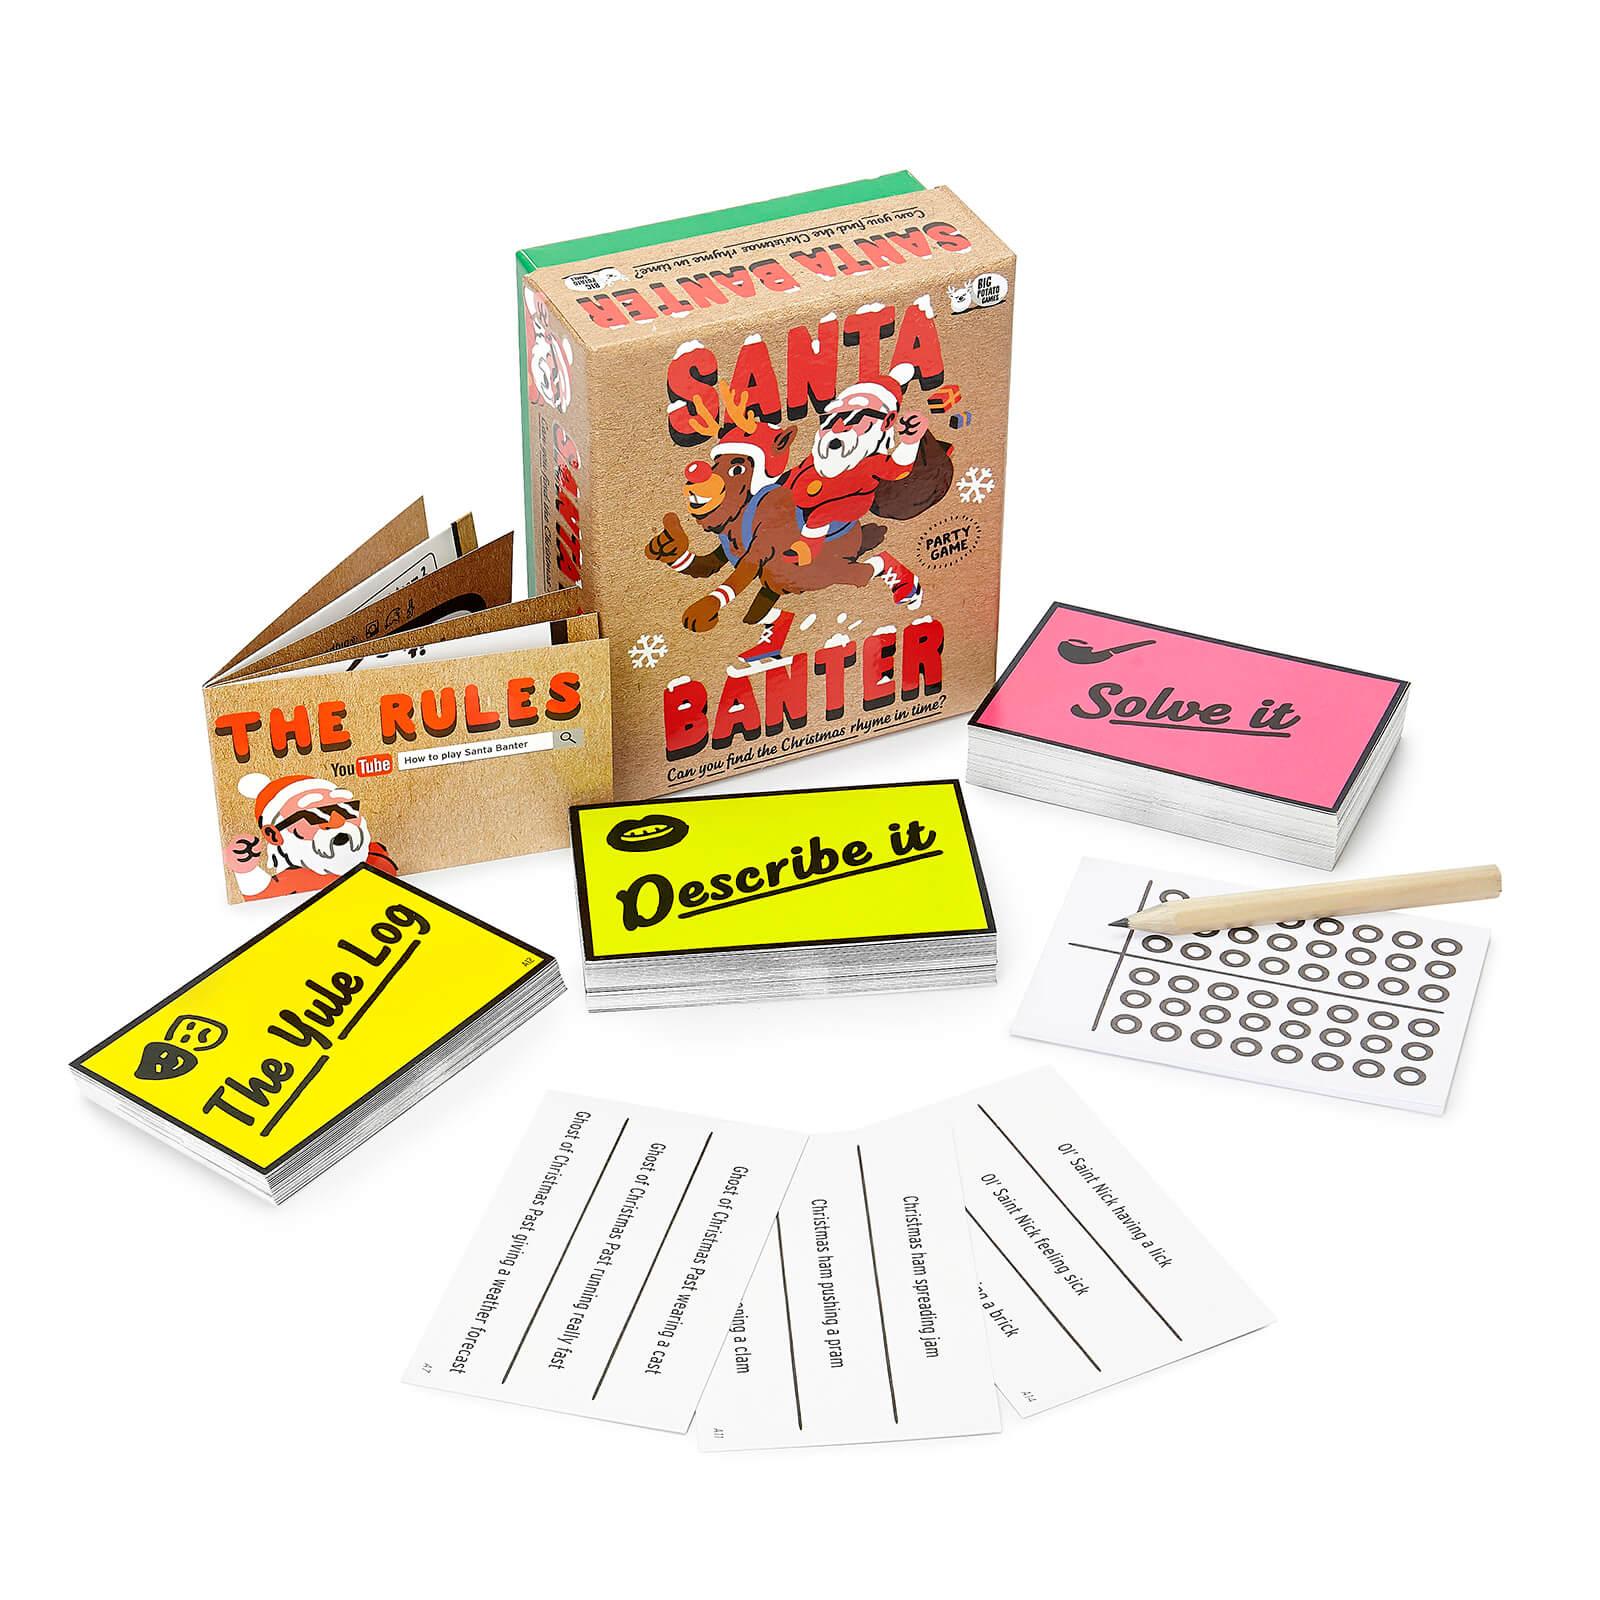 Image of Santa Banter Game